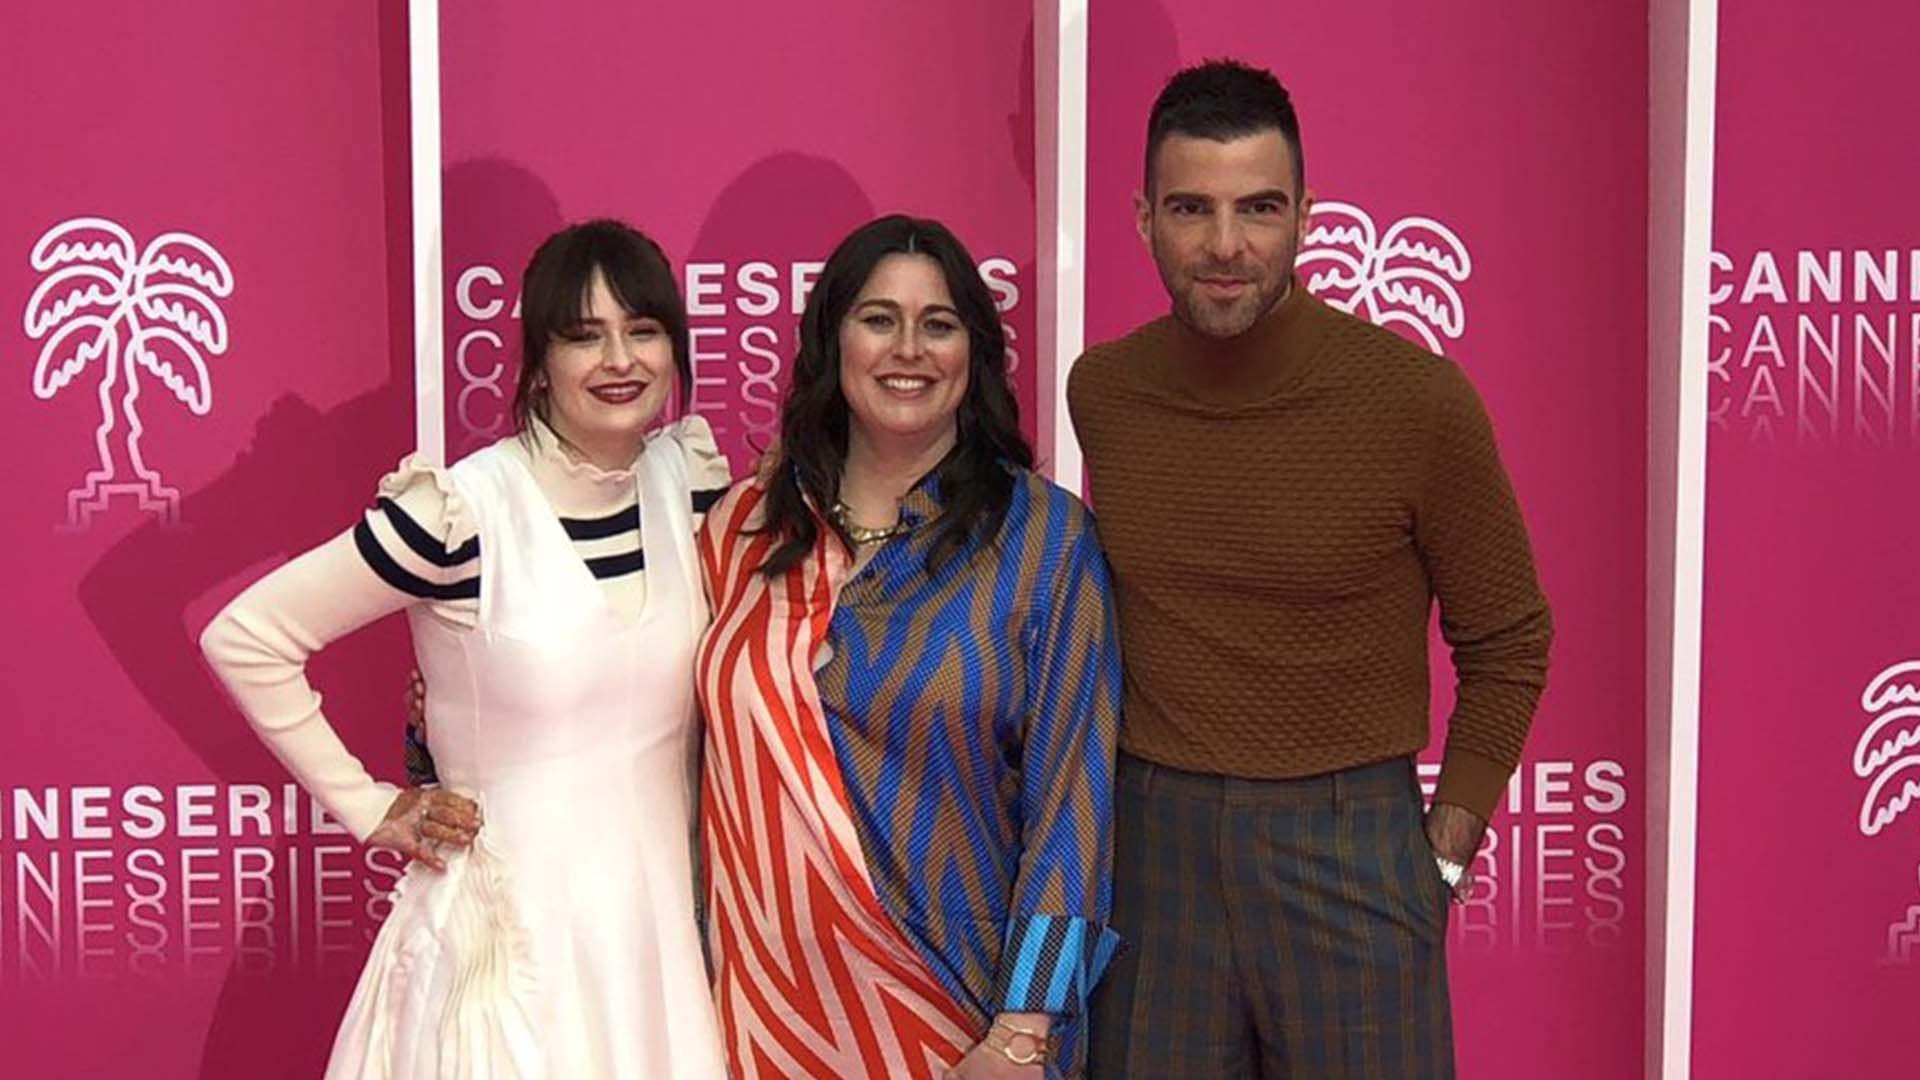 CANNESERIES 2019 jour 3 : Zachary Quinto et l'équipe de NOS4A2 font sensation sur le tapis rose